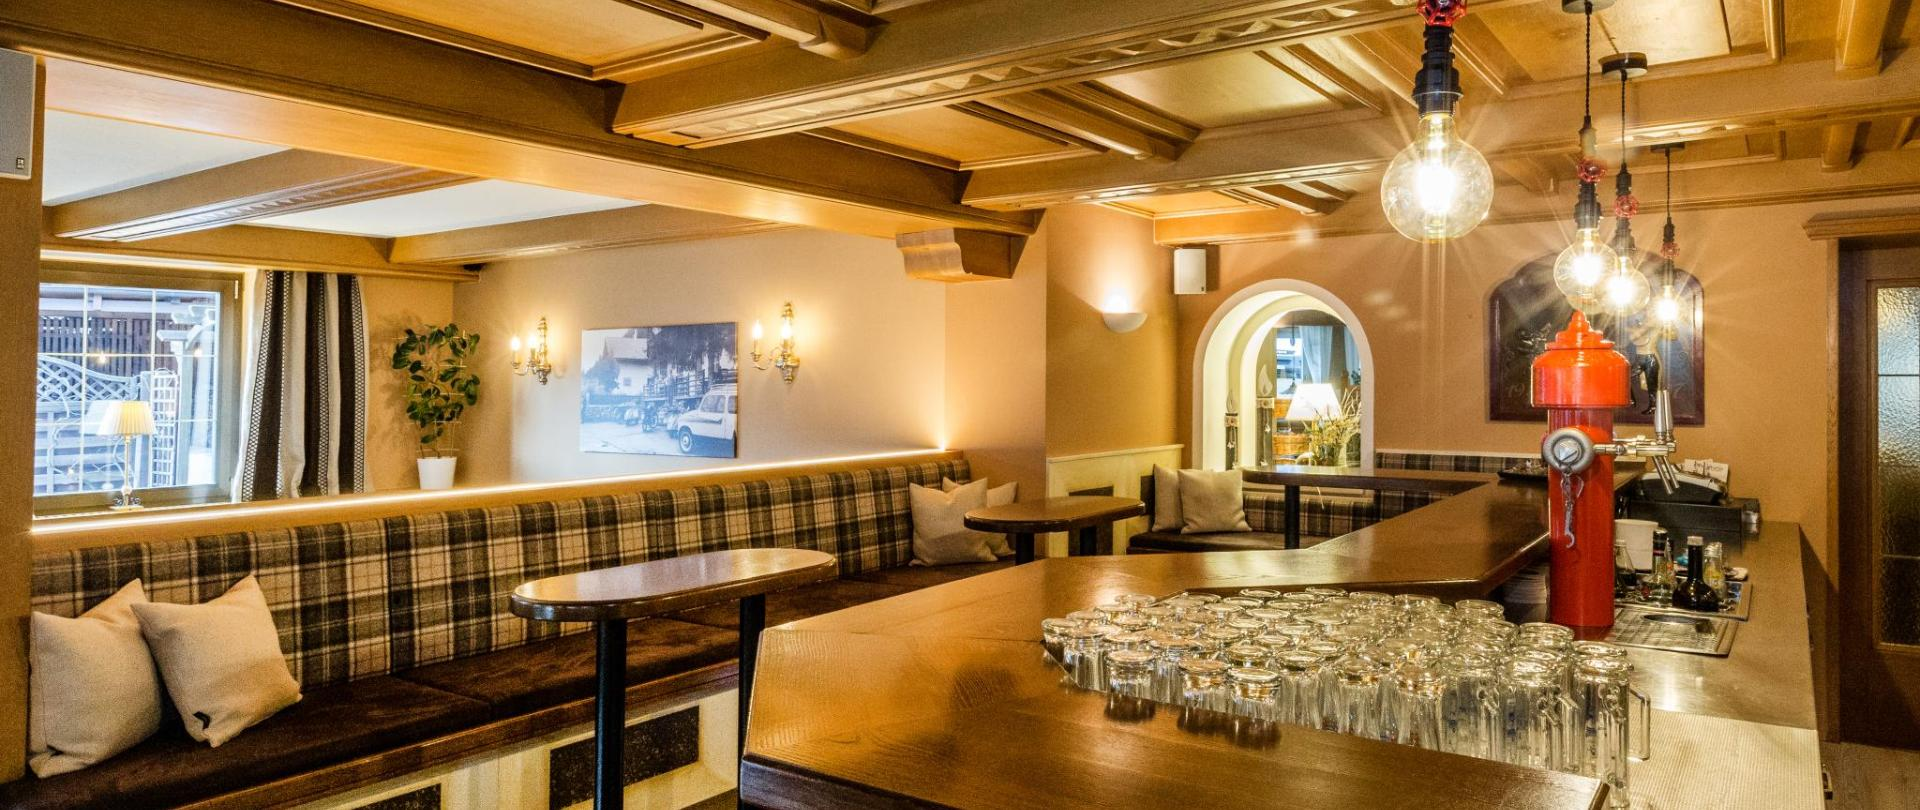 Hotel_Burgfrieden_EL_14.jpg